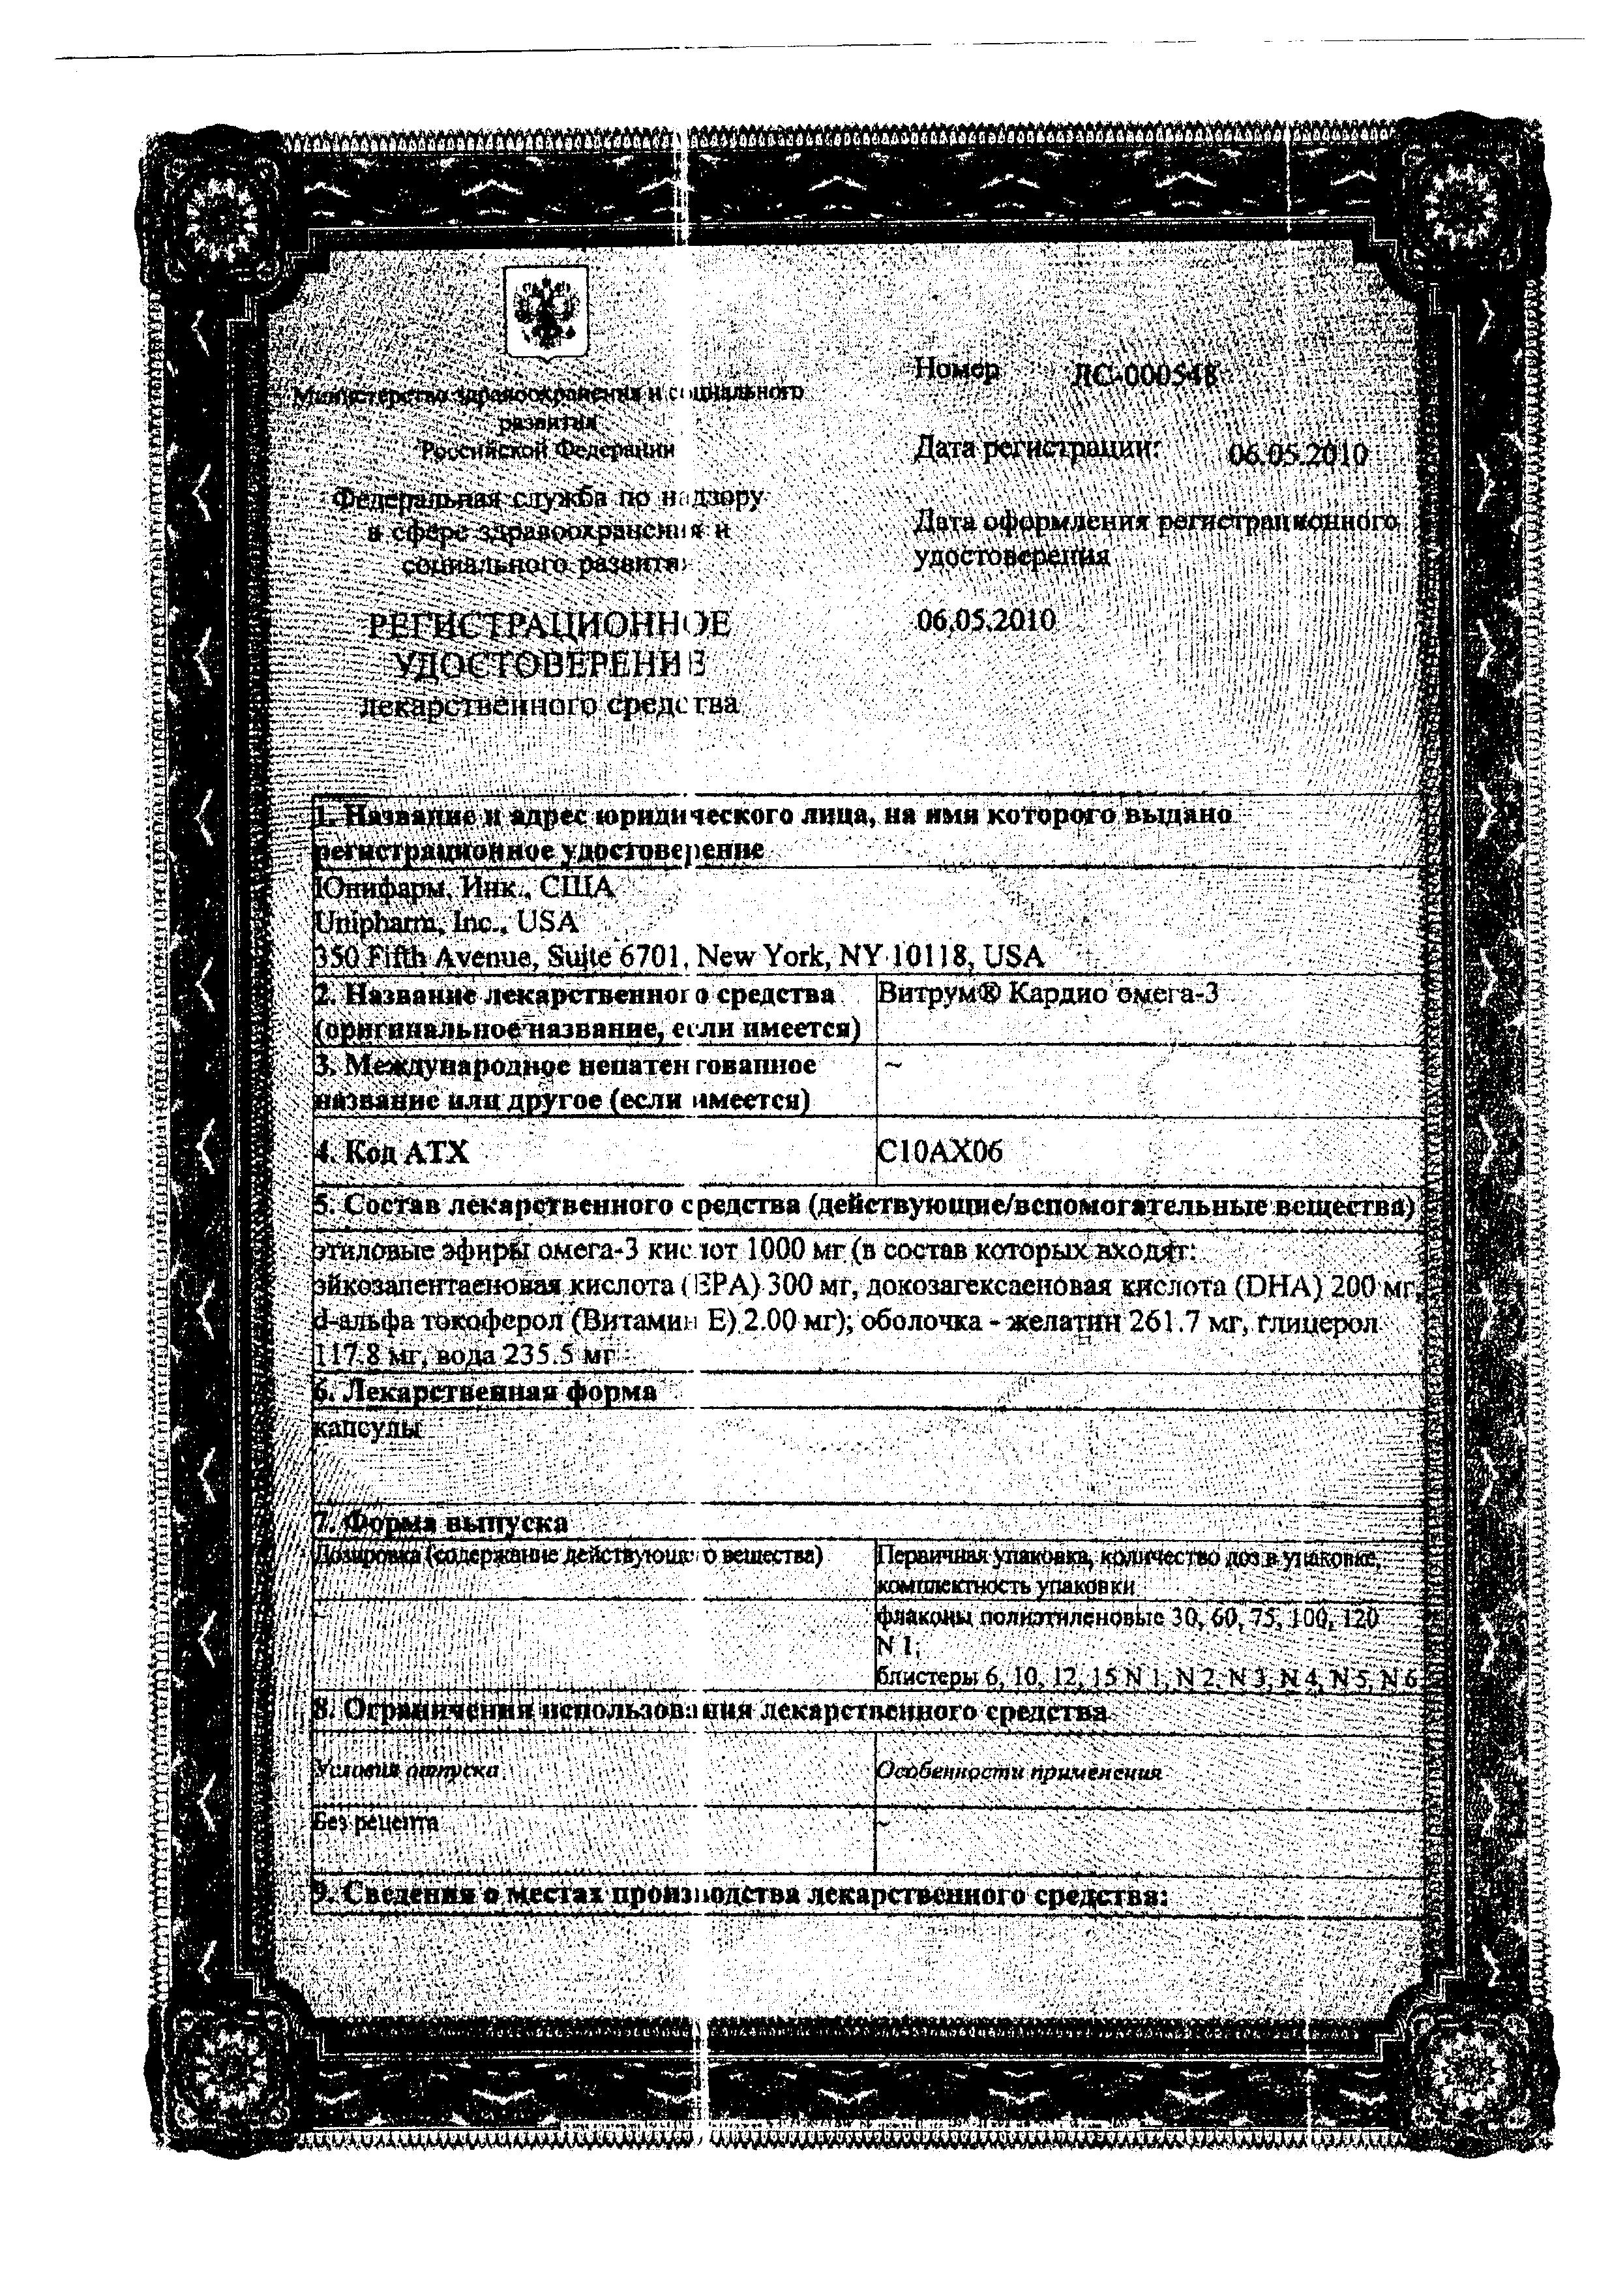 Витрум кардио Омега-3 сертификат